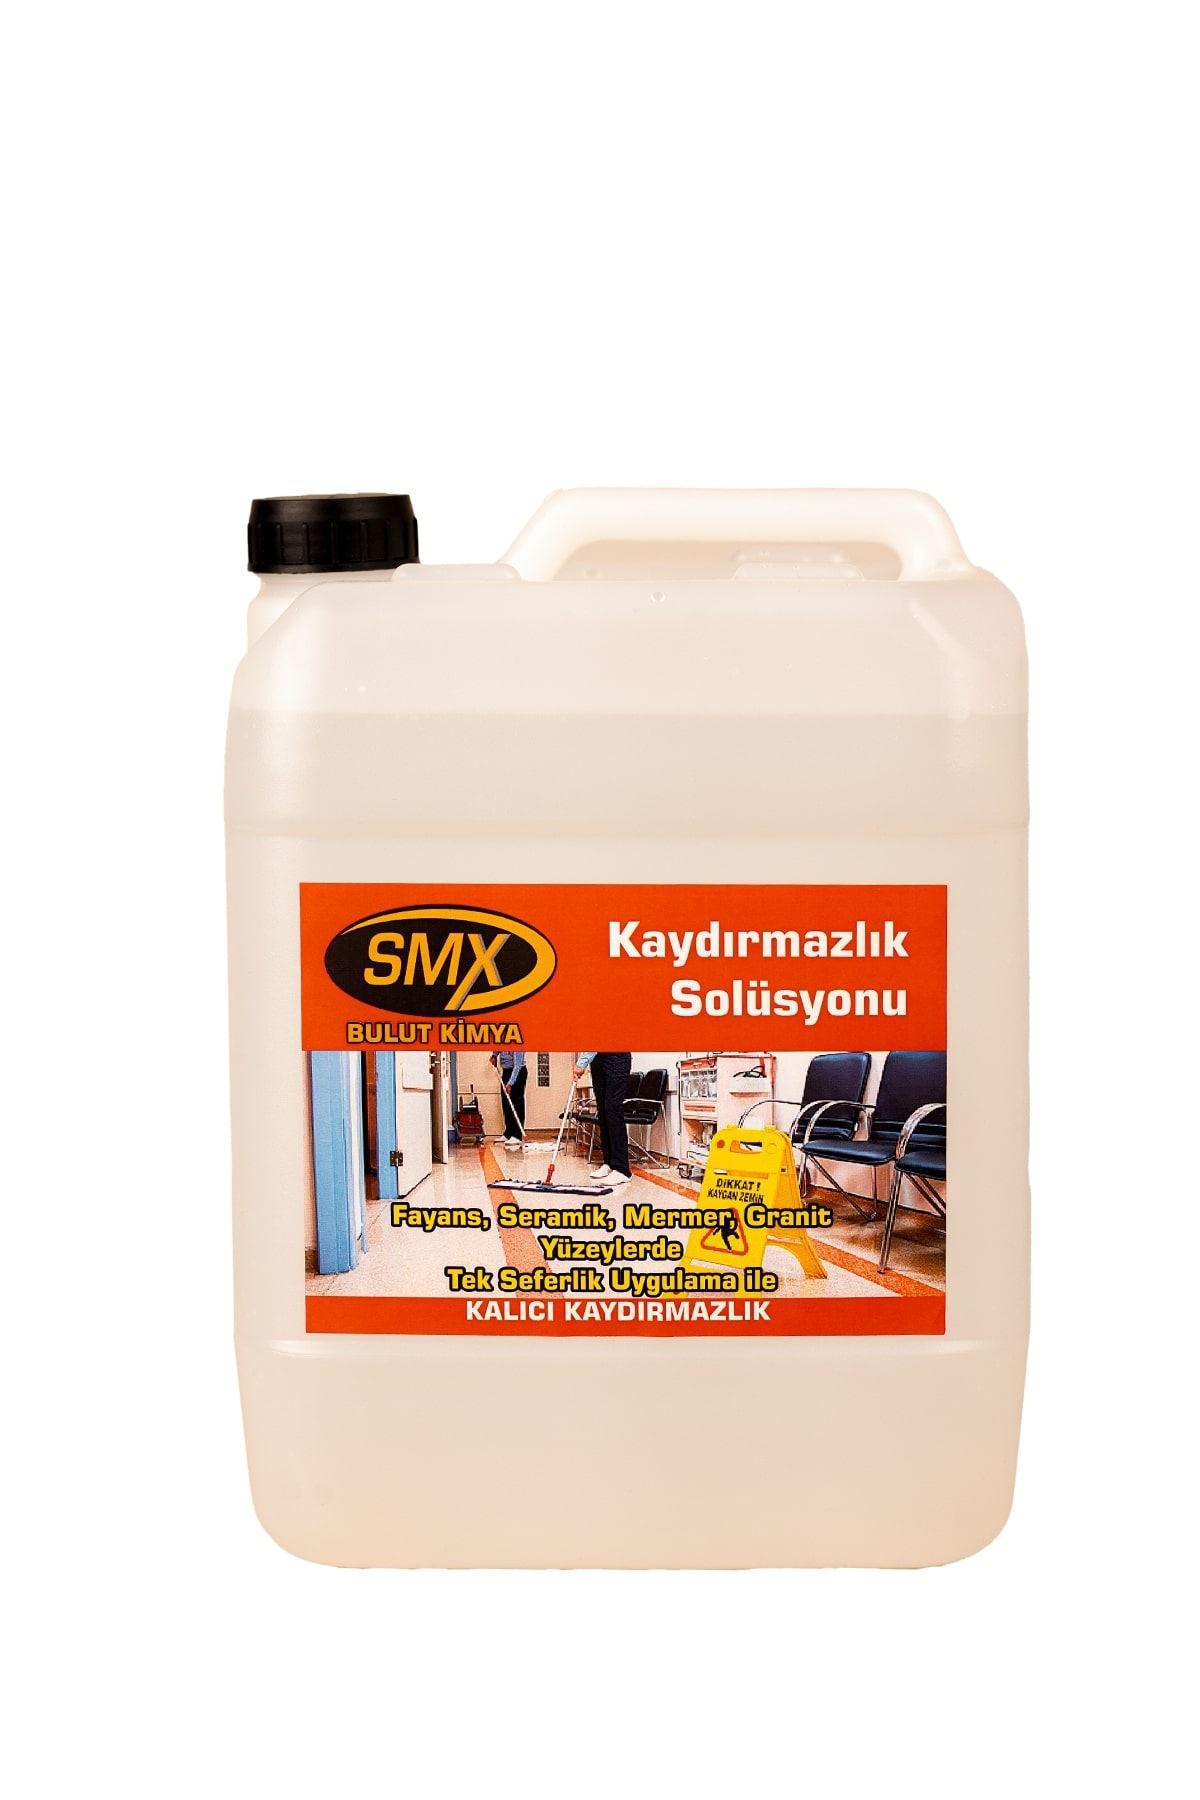 SMX Kaydırmazlık Solüsyonu (5 LT)